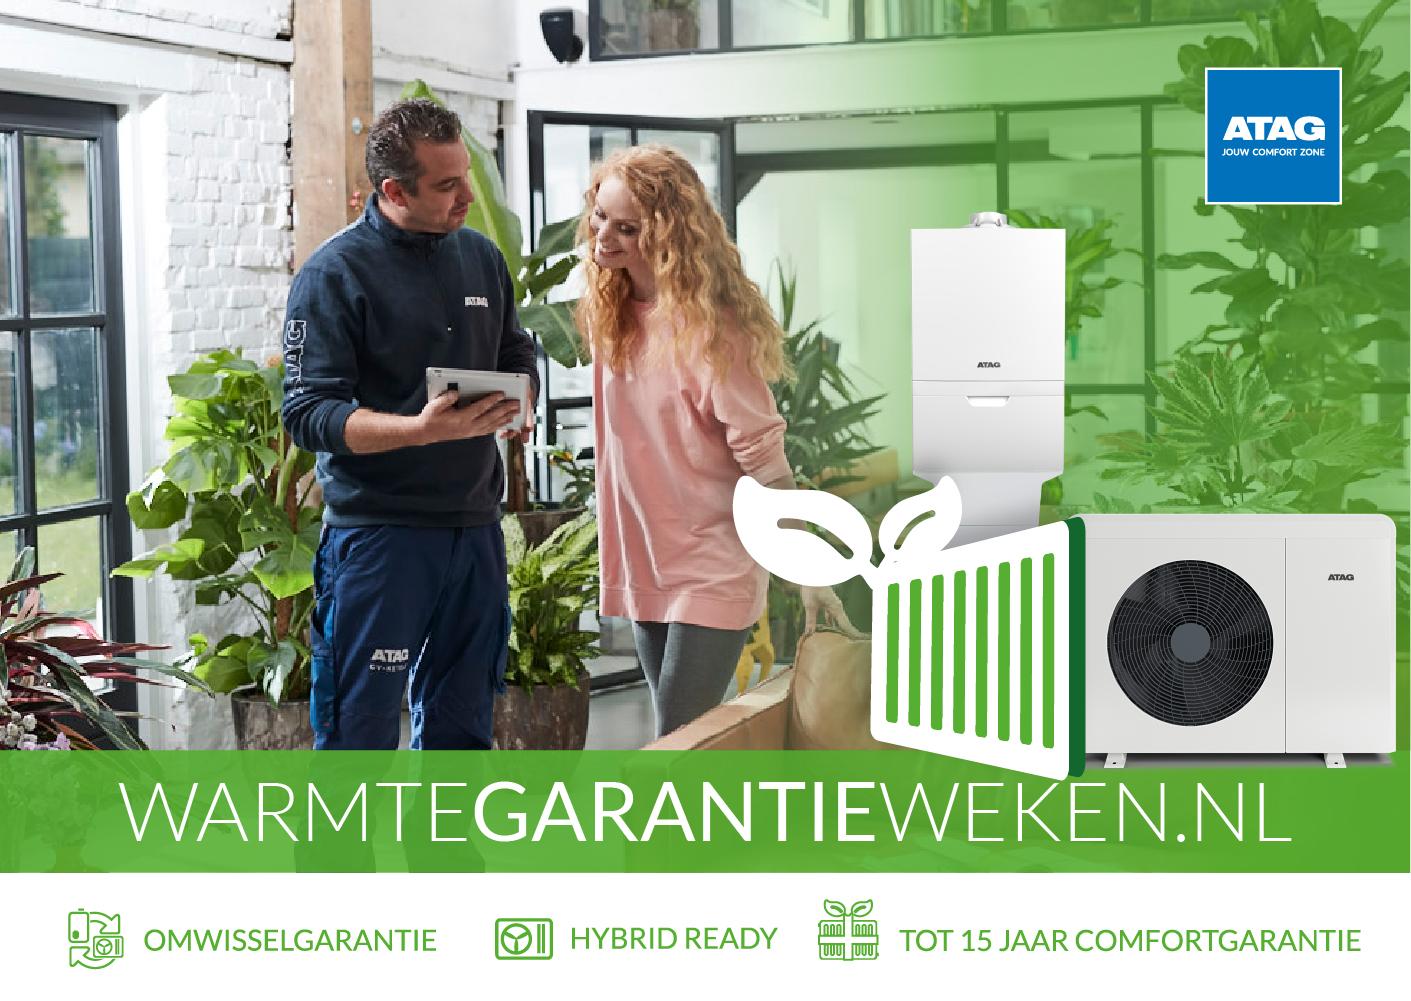 Warmtegarantieweken.nl een warm en energiezuinig huis ##atag #verwarming #energiezuinig #warmtegarantieweken #omwisselgarantie